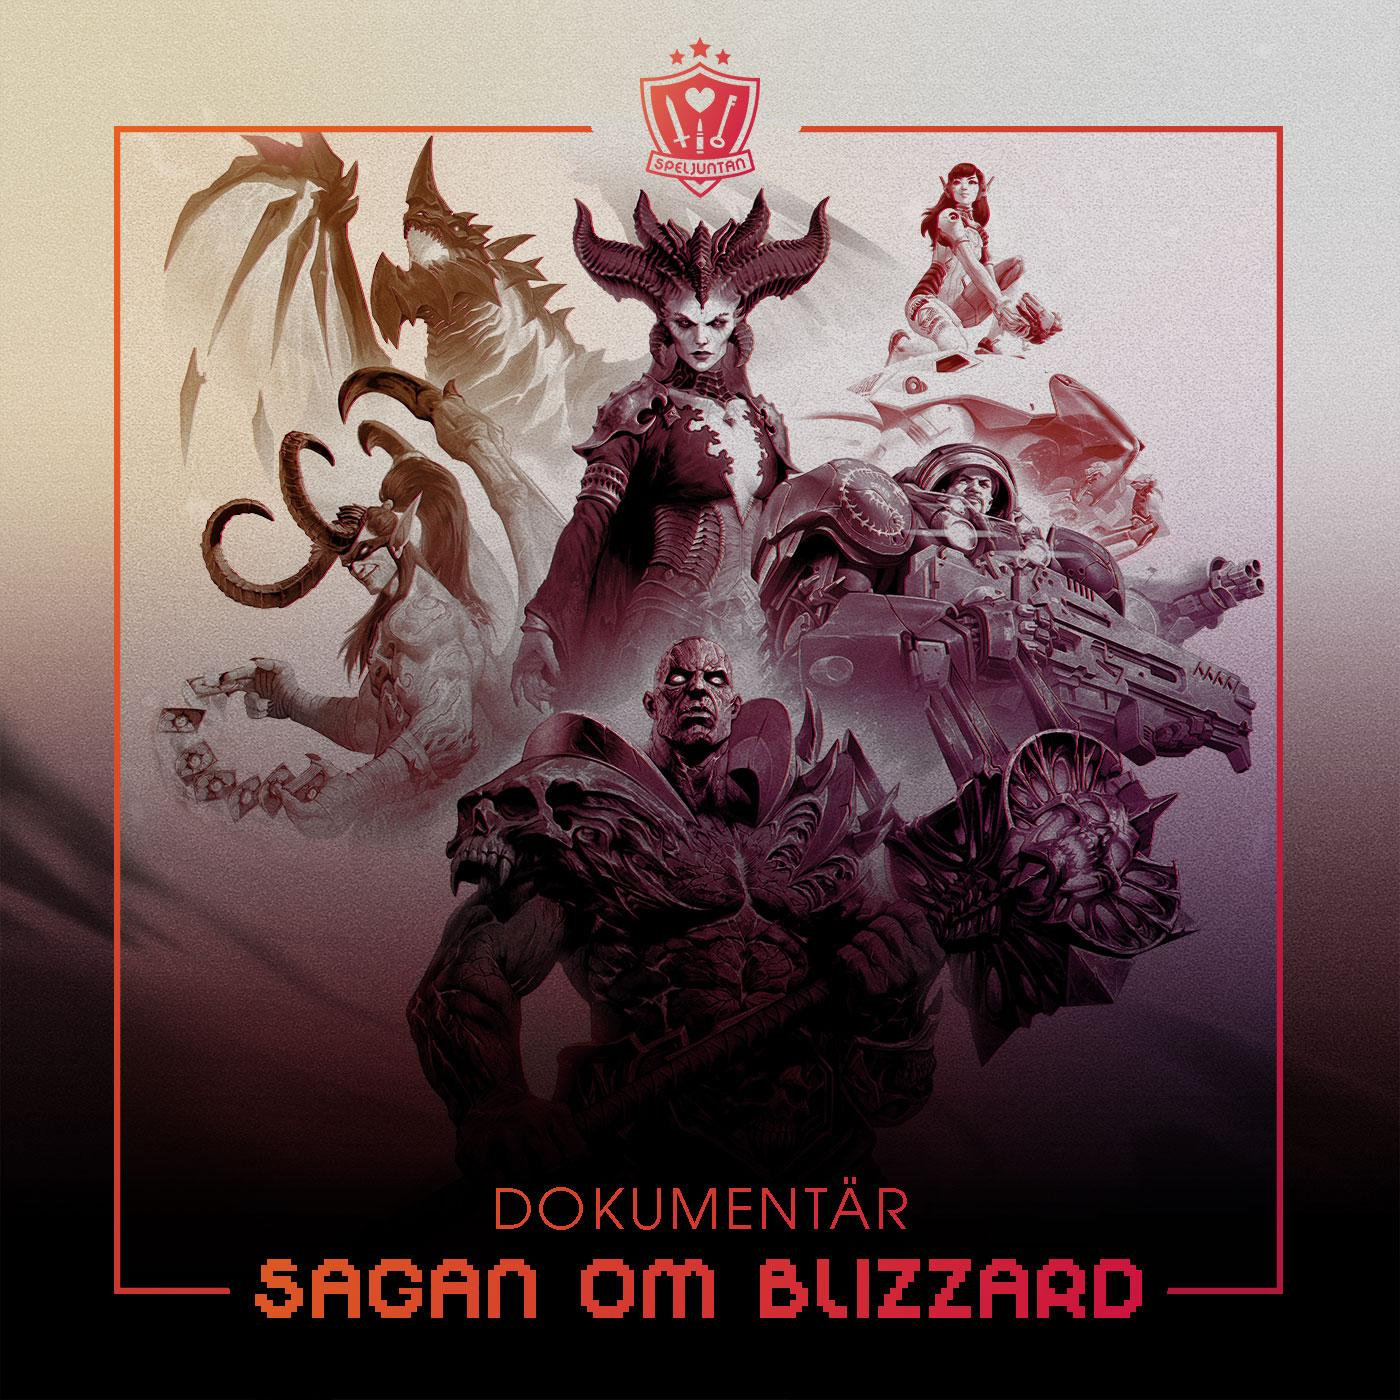 Dokumentär: Sagan om Blizzard